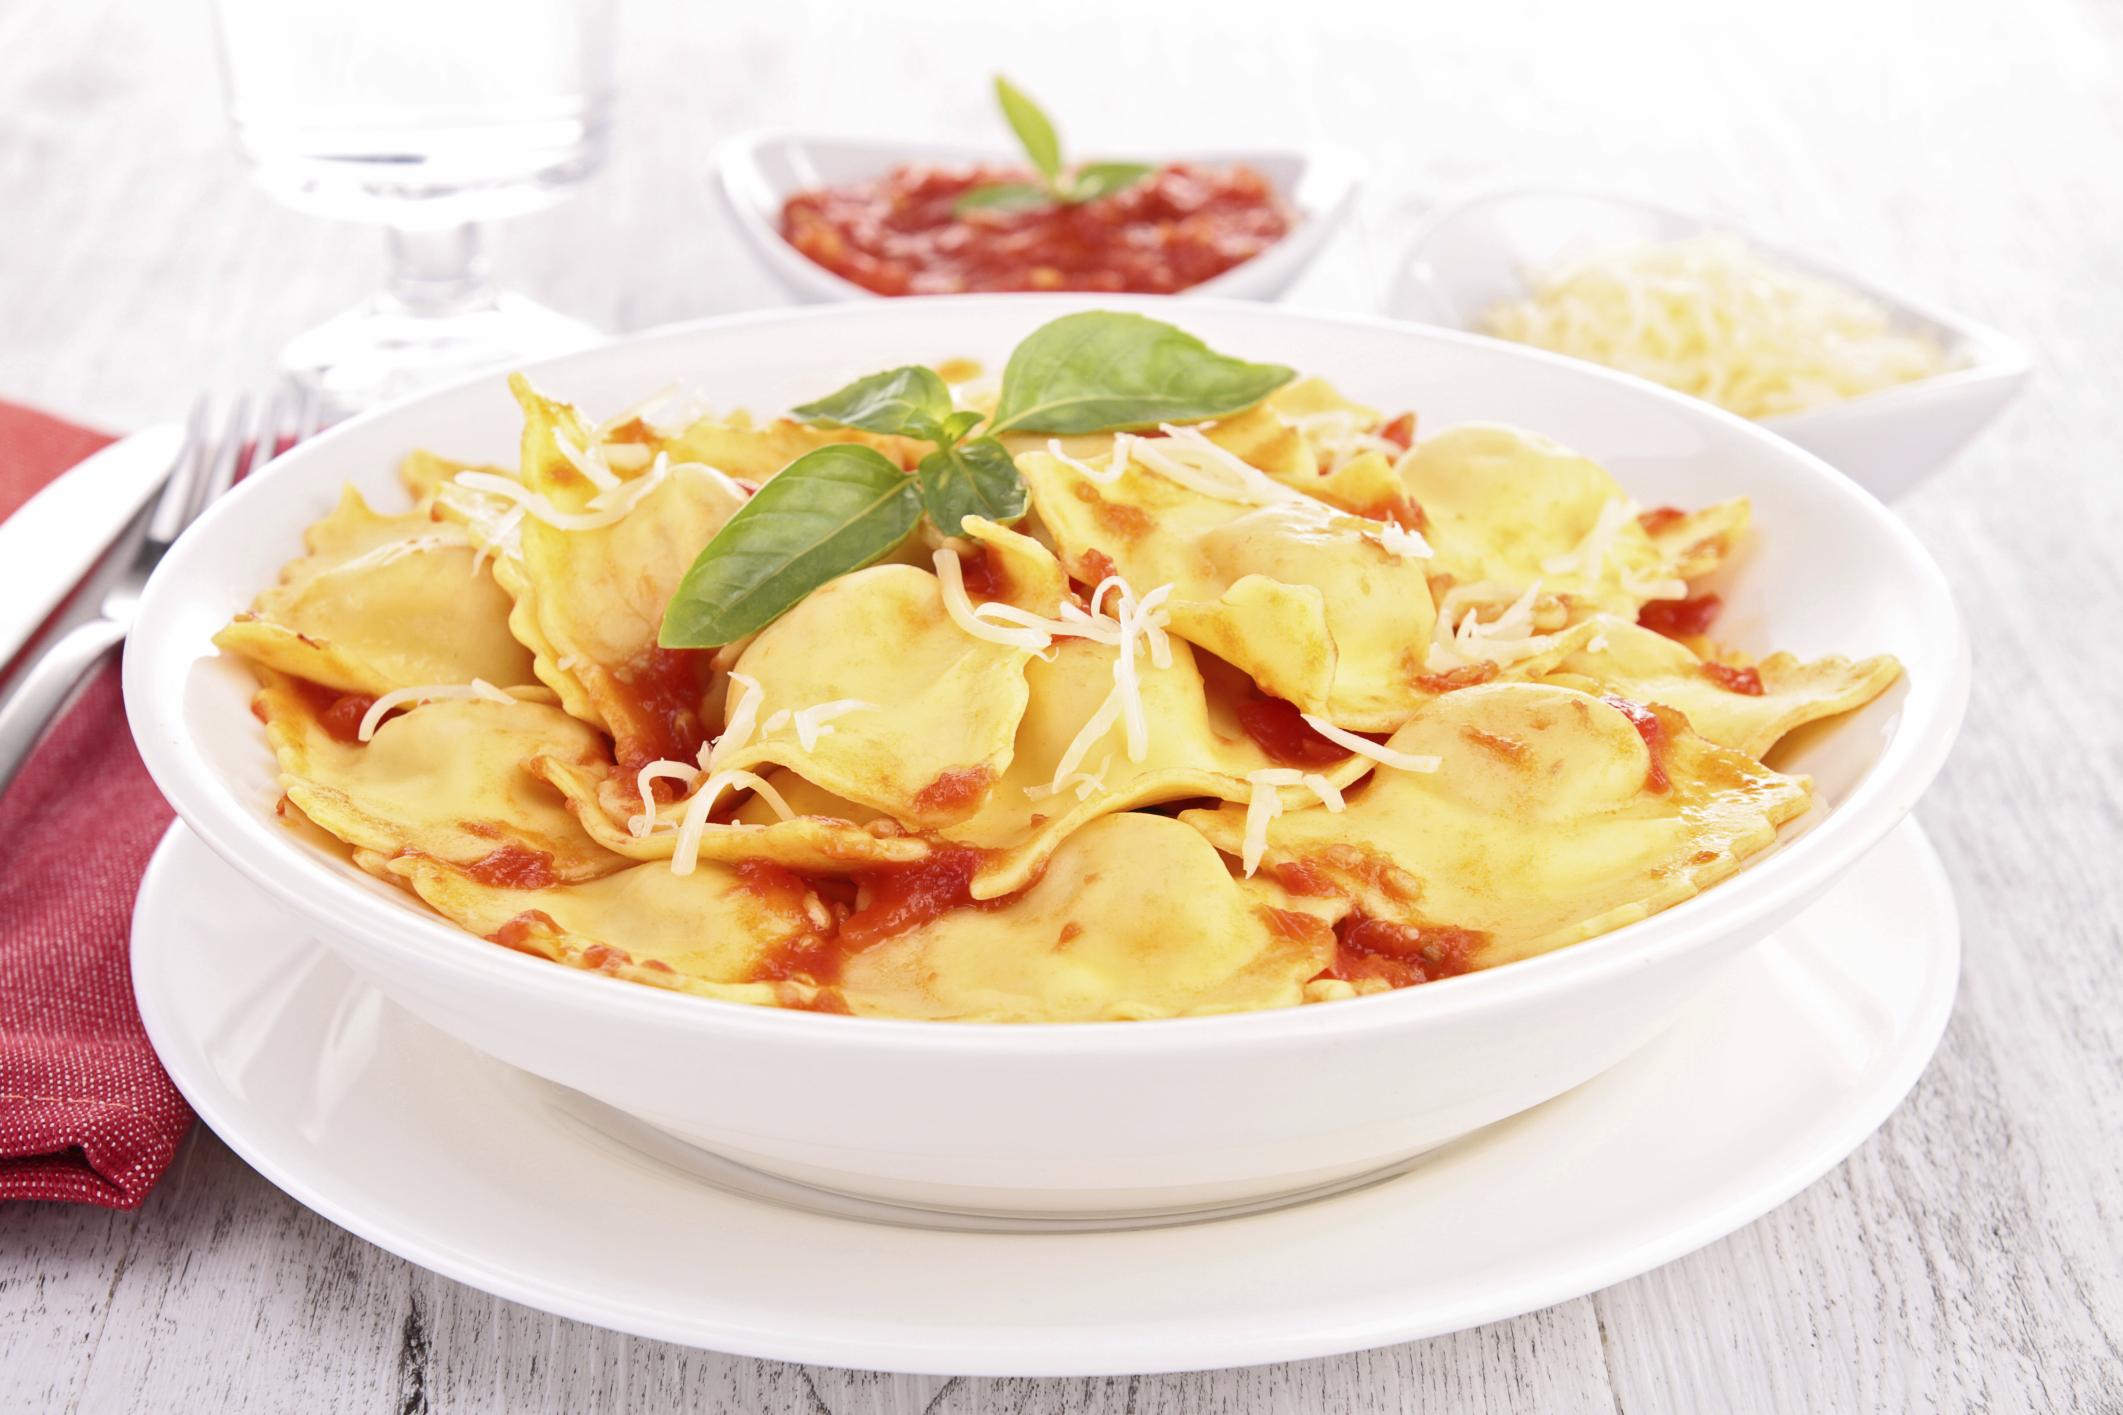 Ravioli de carne con tomate fresco y salsa de espinacas